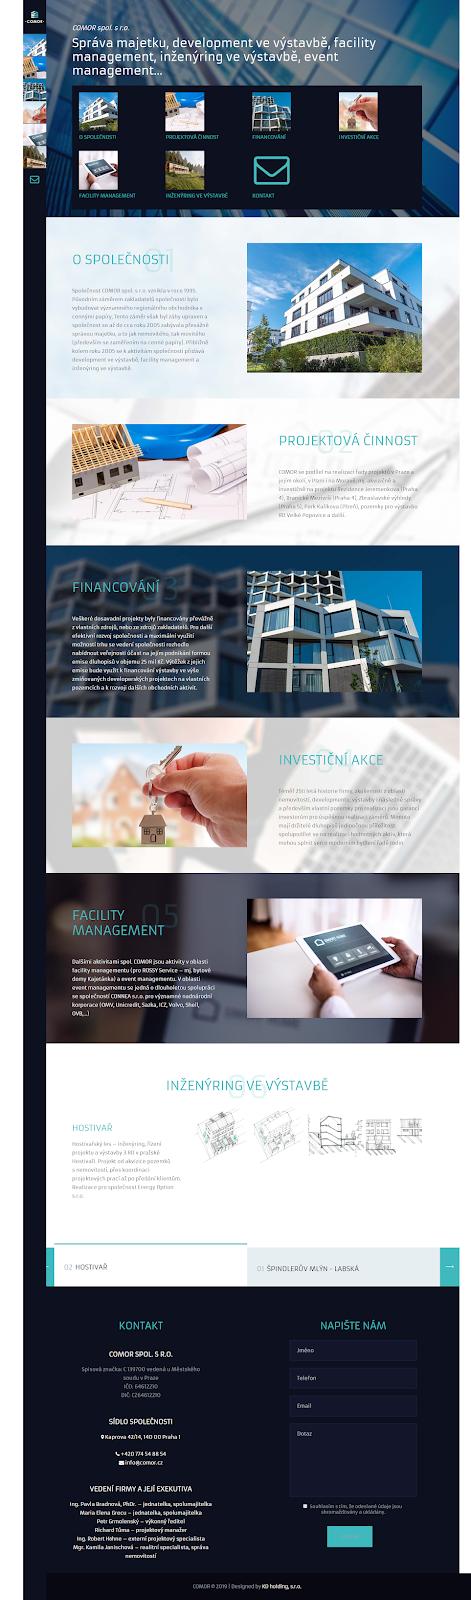 Správa majetku, development ve výstavbě, facility management, inženýring ve výstavbě, event management